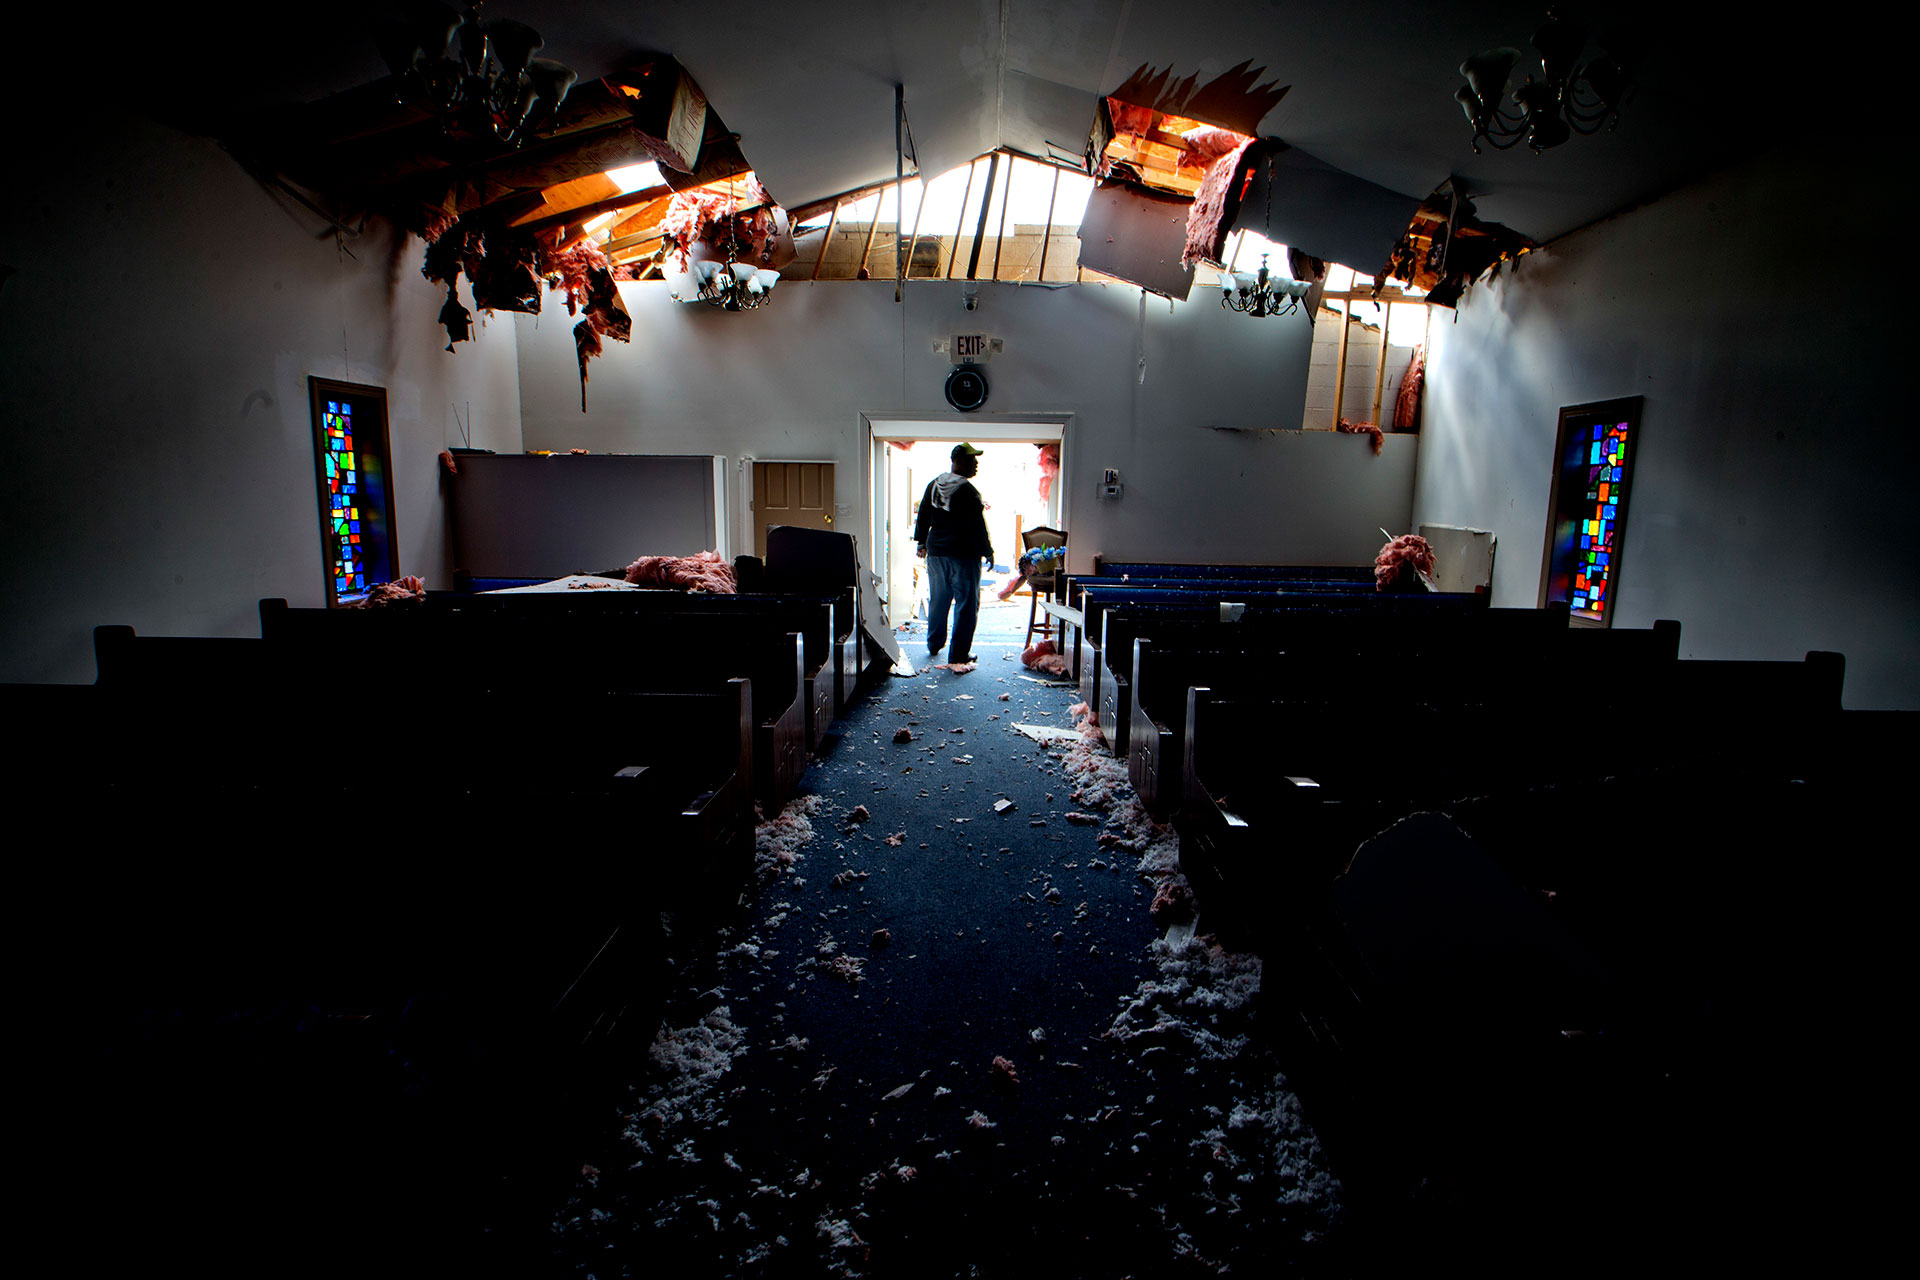 El feligrés Stratford Scott camina entre los restos de la iglesia bautista Misioneros de la Esperanza